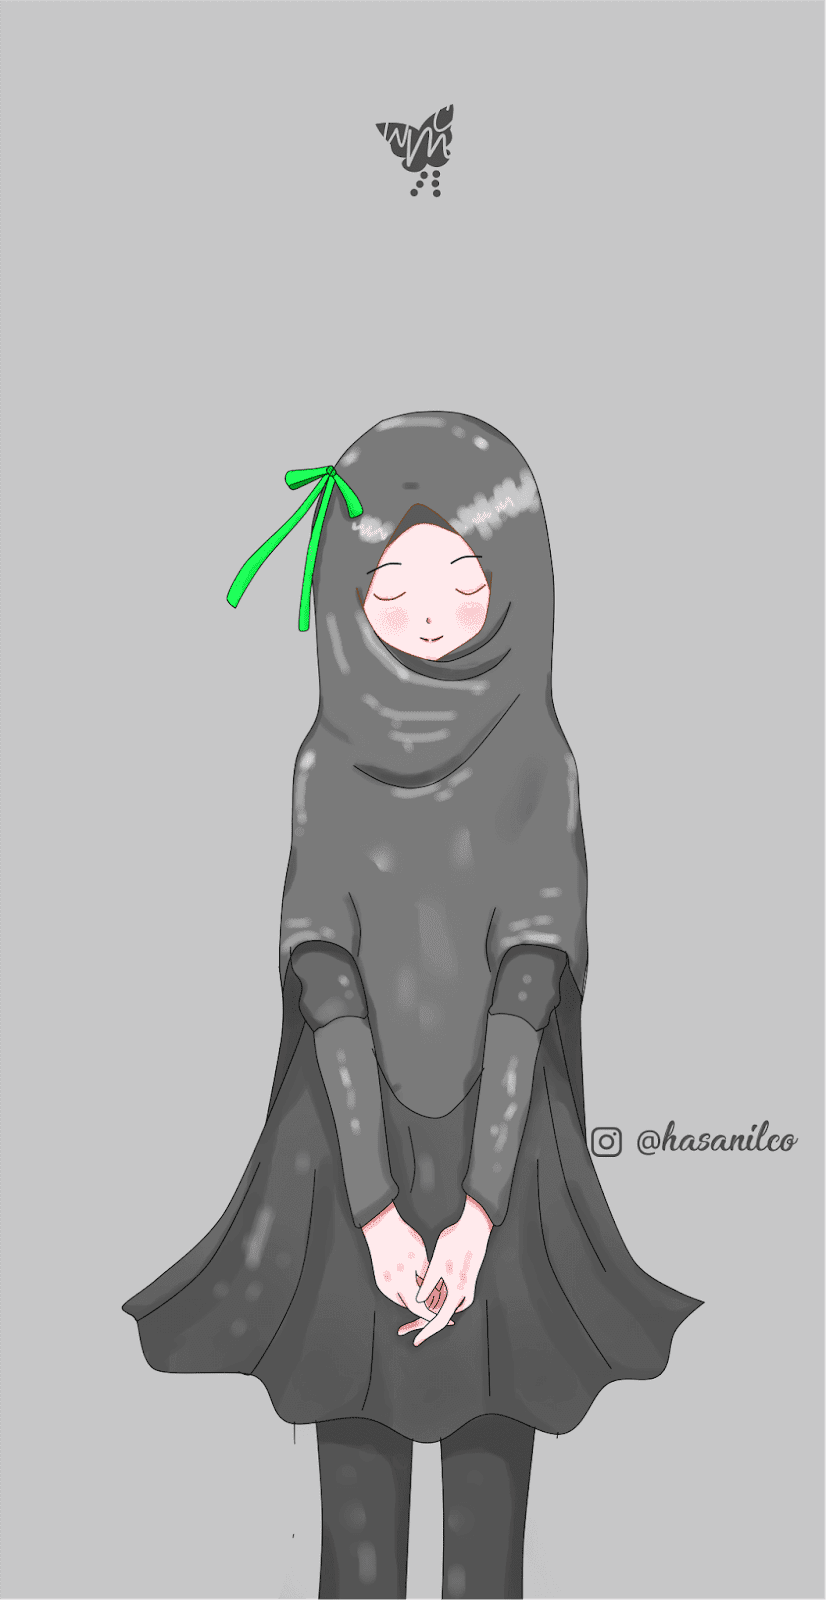 Animasi Muslimah Cantik Sigila Mencurah Pedih